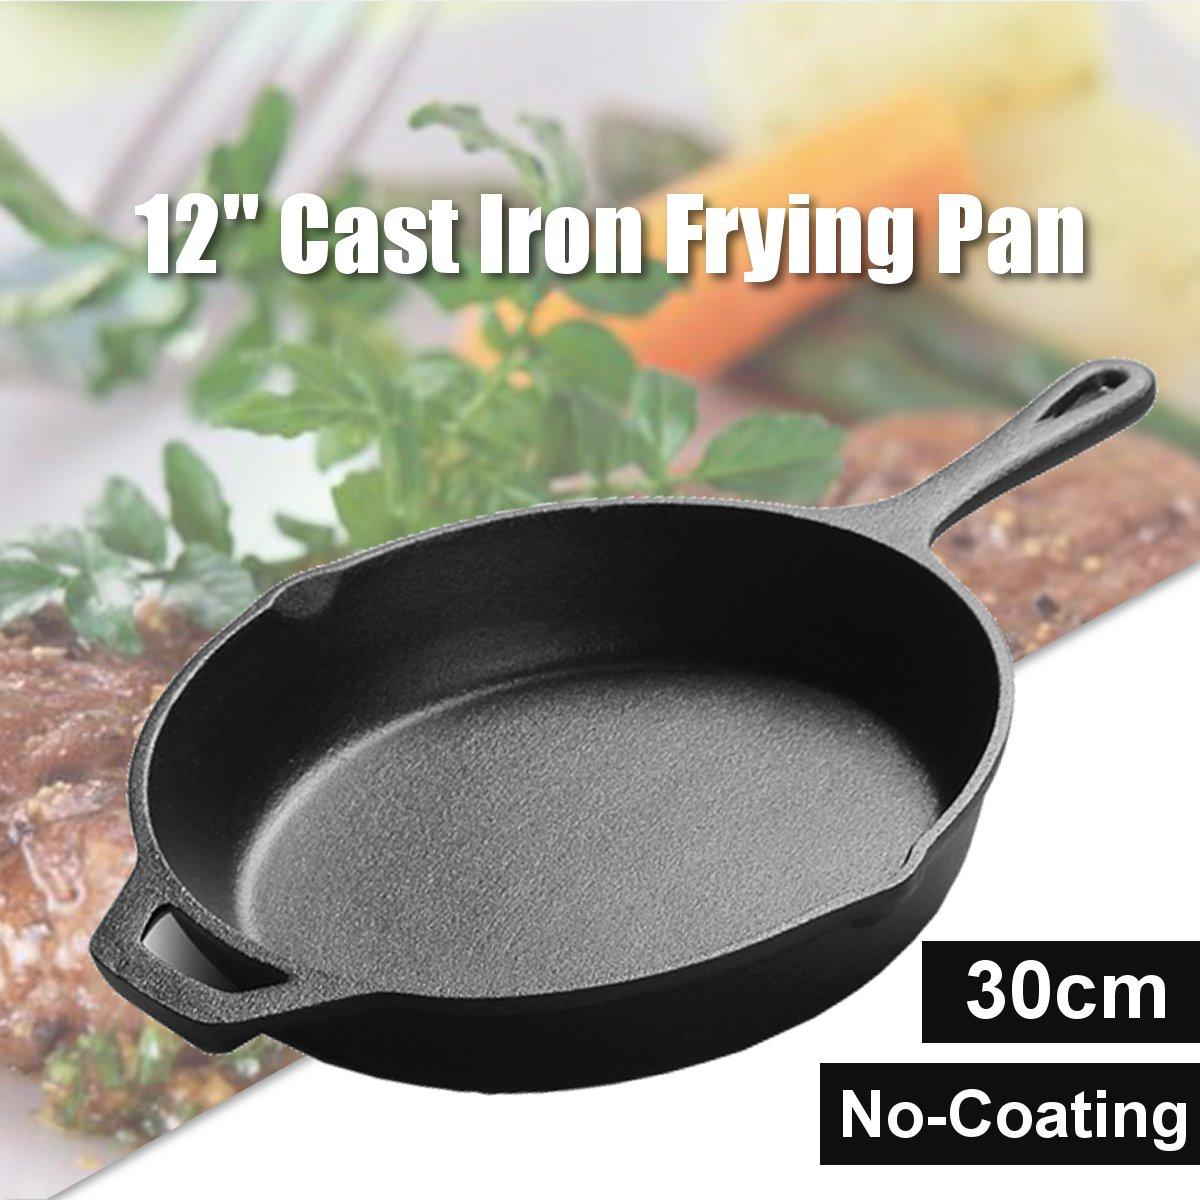 Poêle en fonte antiadhésive poêle multi-usages poêle à crêpes Steak Grill casserole marmite ustensiles de cuisine outils de cuisson - 2